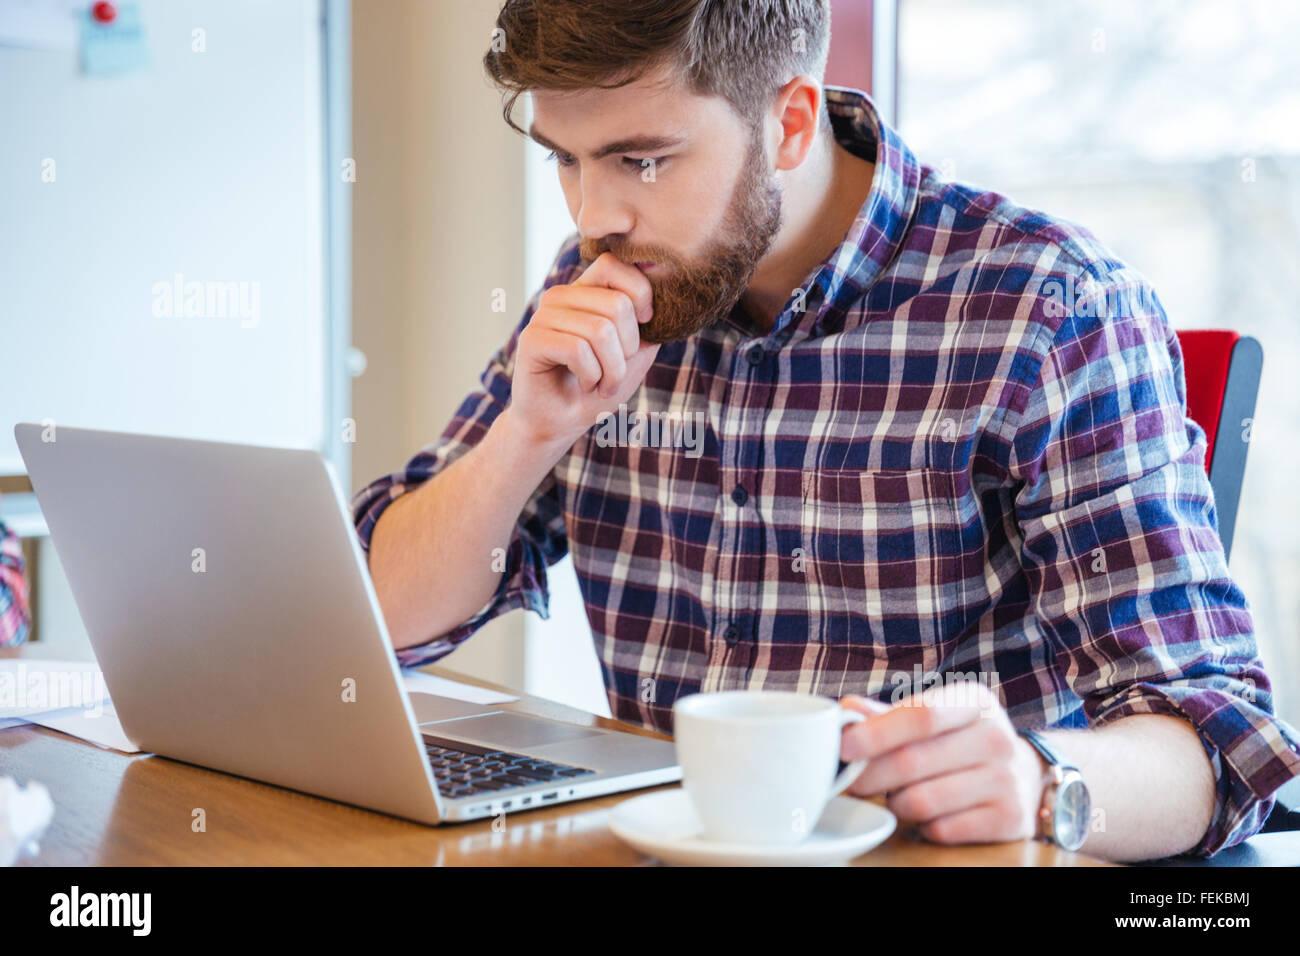 Serious konzentriert bärtigen jungen Mann im karierten Hemd am Tisch sitzen und mit laptop Stockbild